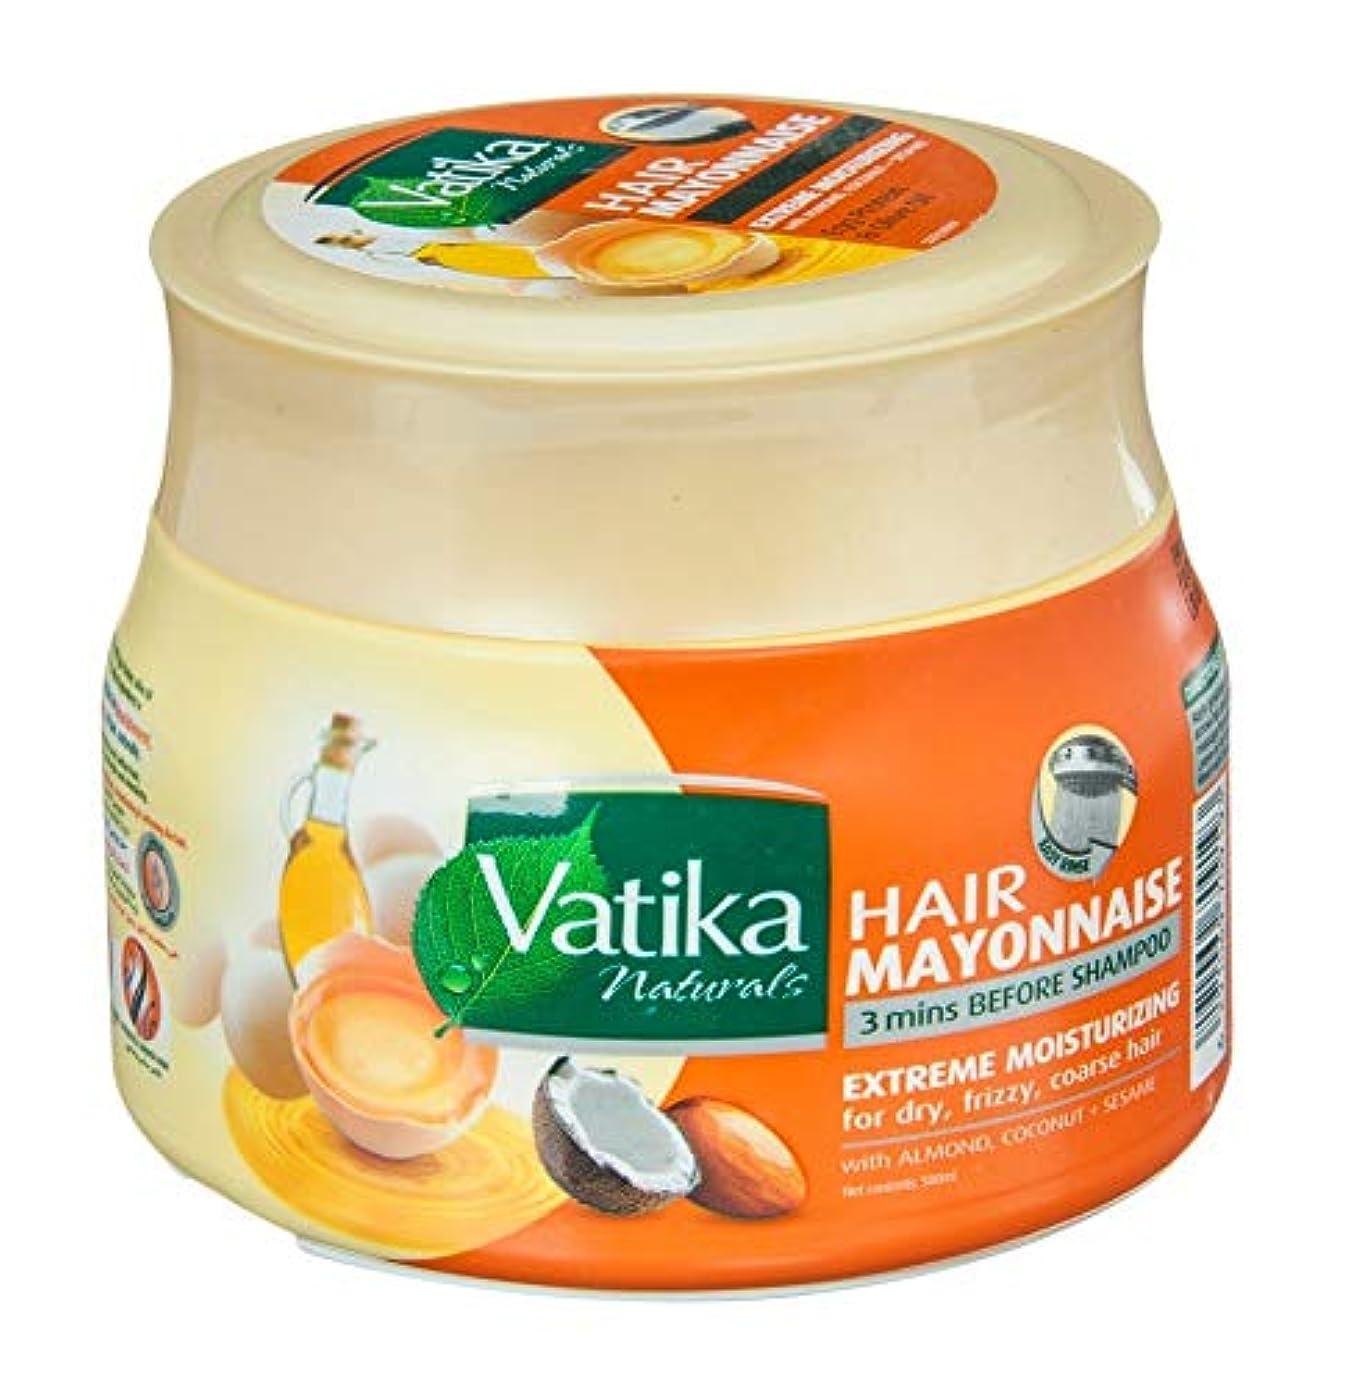 オンス先例彫るNatural Vatika Hair Mayonnaise Moisturizing 3 mins Before Shampoo 500 ml (Extreme Moisturizing (Almond, Coconut...